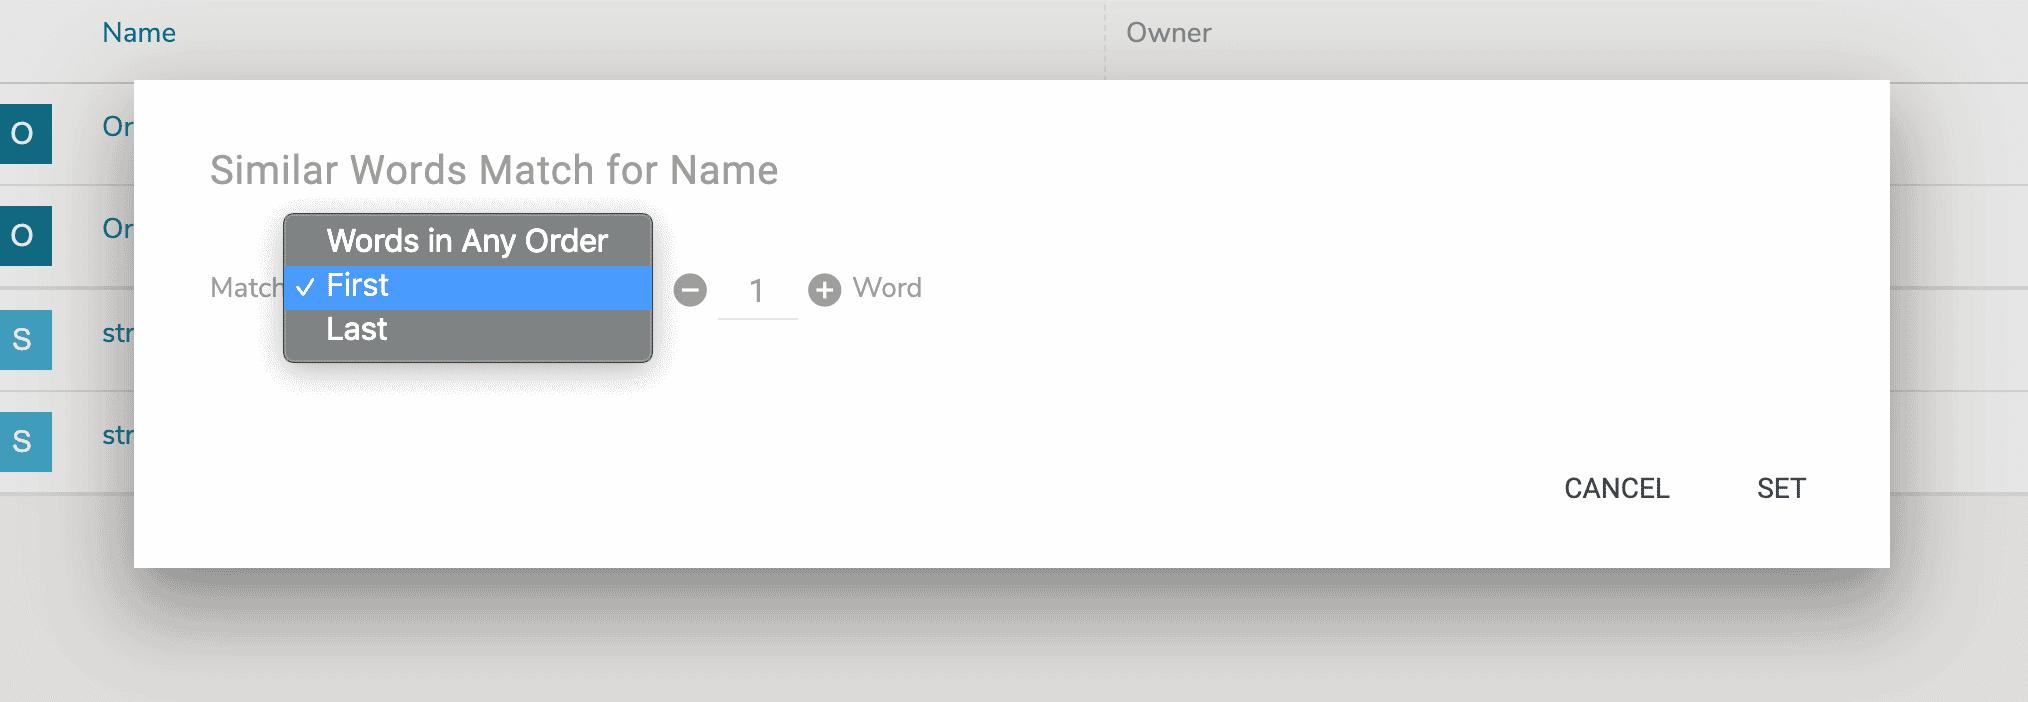 similar word match dialog box